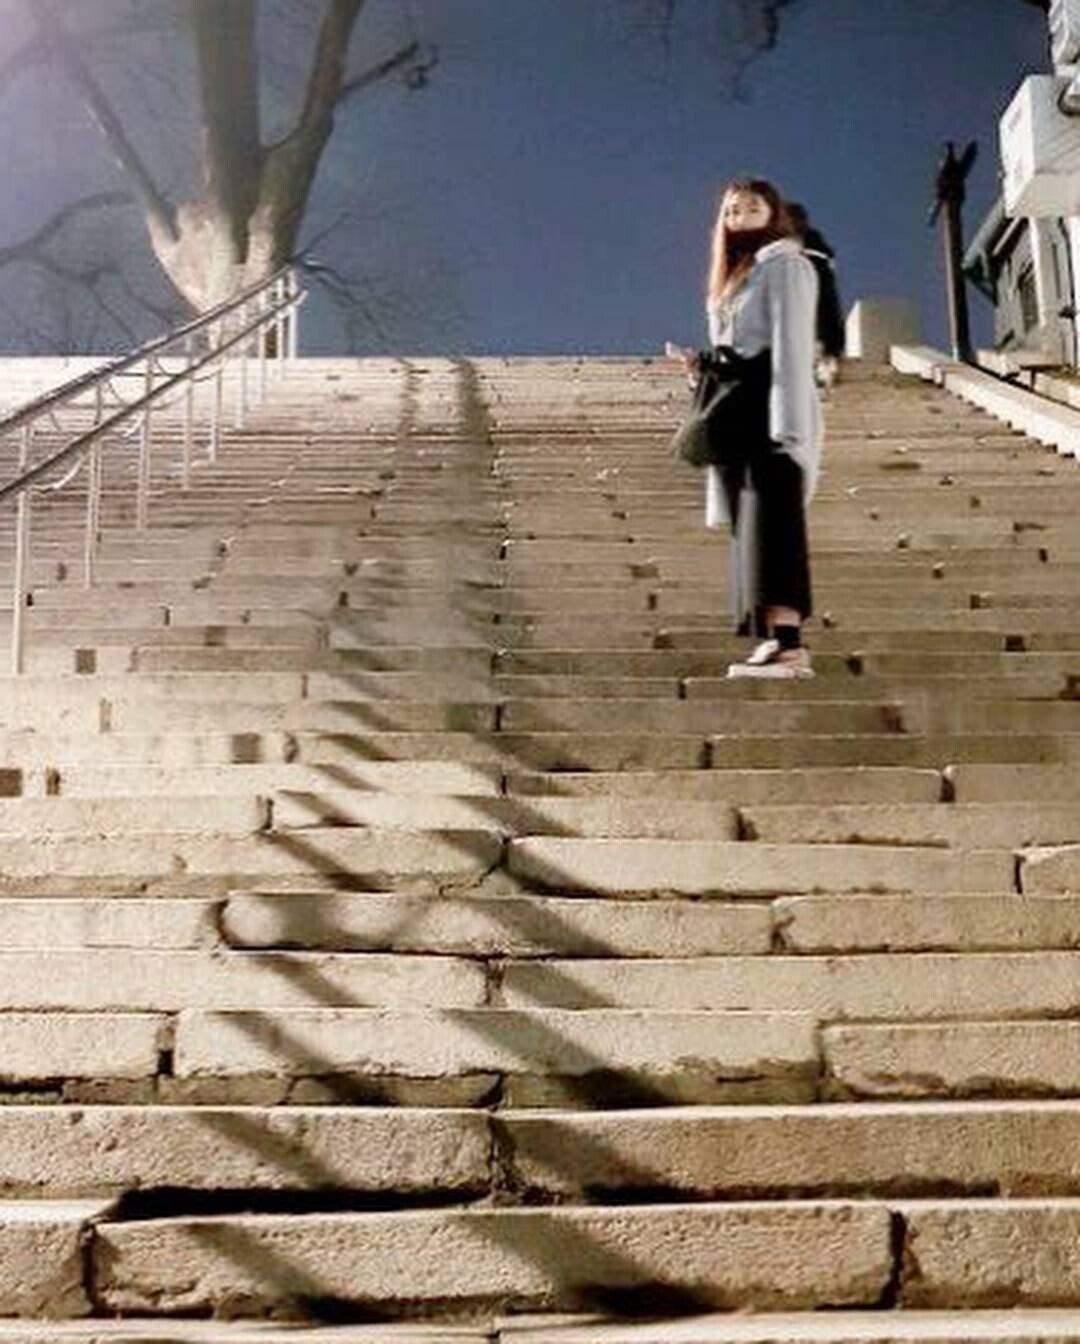 17.jpg 전효성 어머님이 직접 찍어준 사진